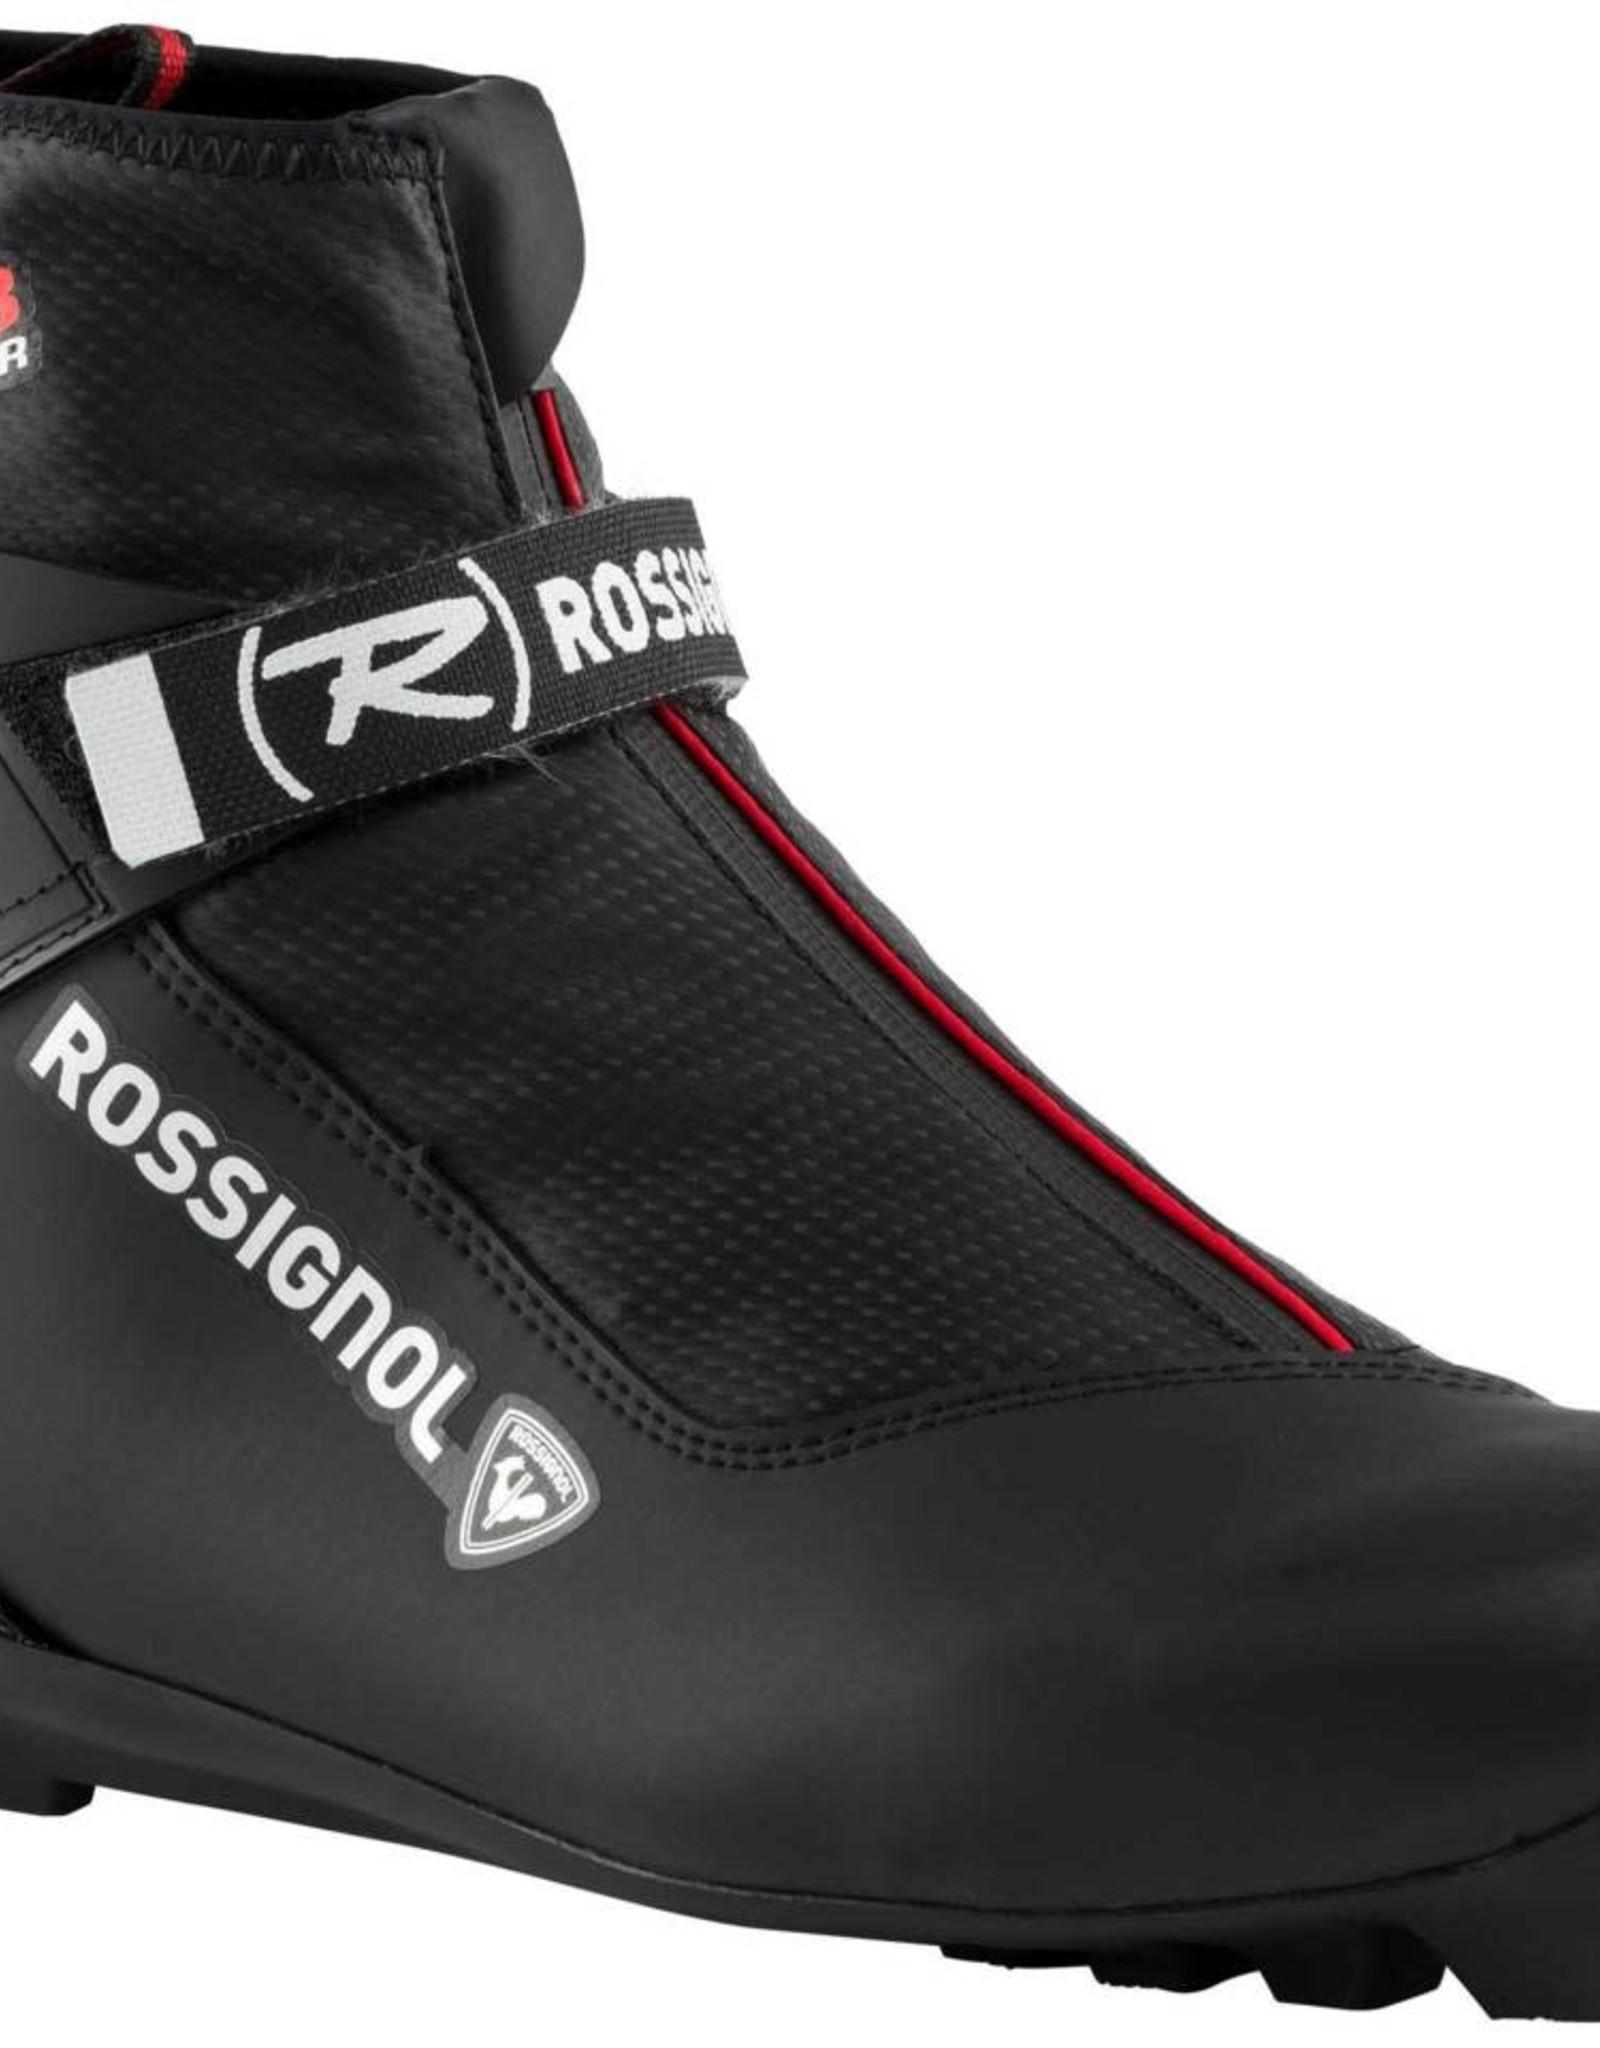 Rossignol ROSSIGNOL XC-3 - 470 (13.5us)